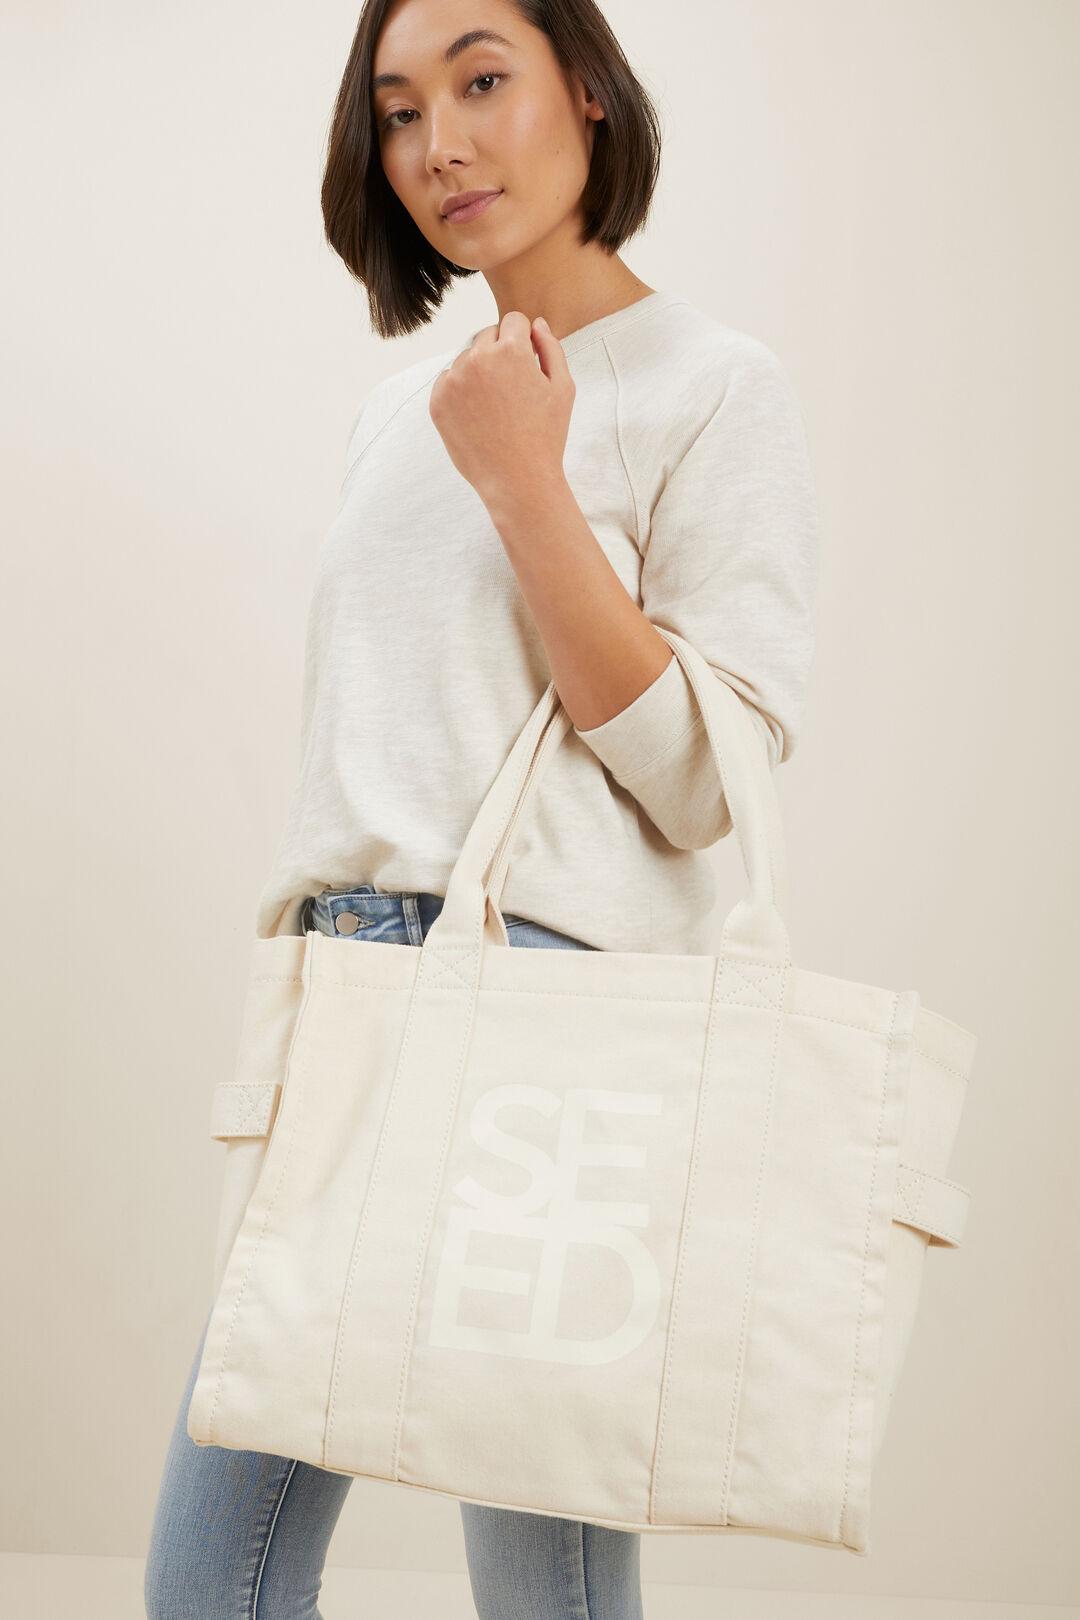 Seed Canvas Tote Bag  CLOUD CREAM  hi-res